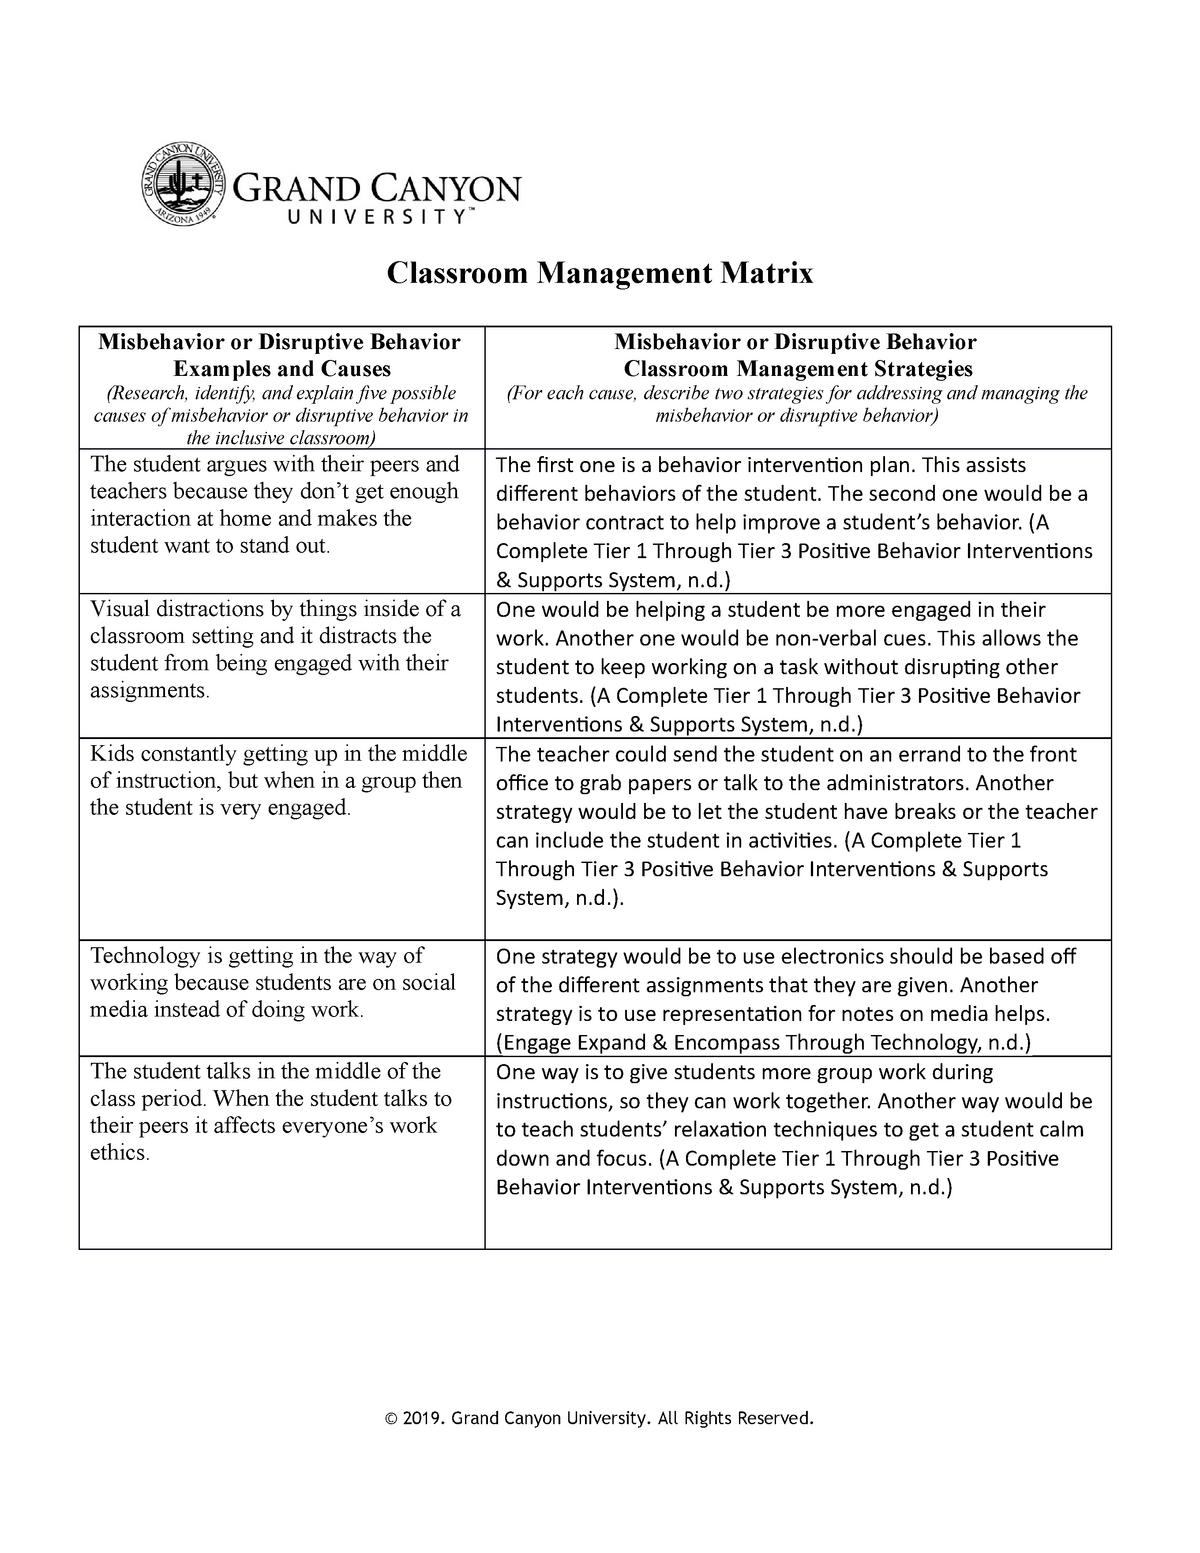 SPD-200-RS-T2- Classroom Management Matrix Template - SPD-200